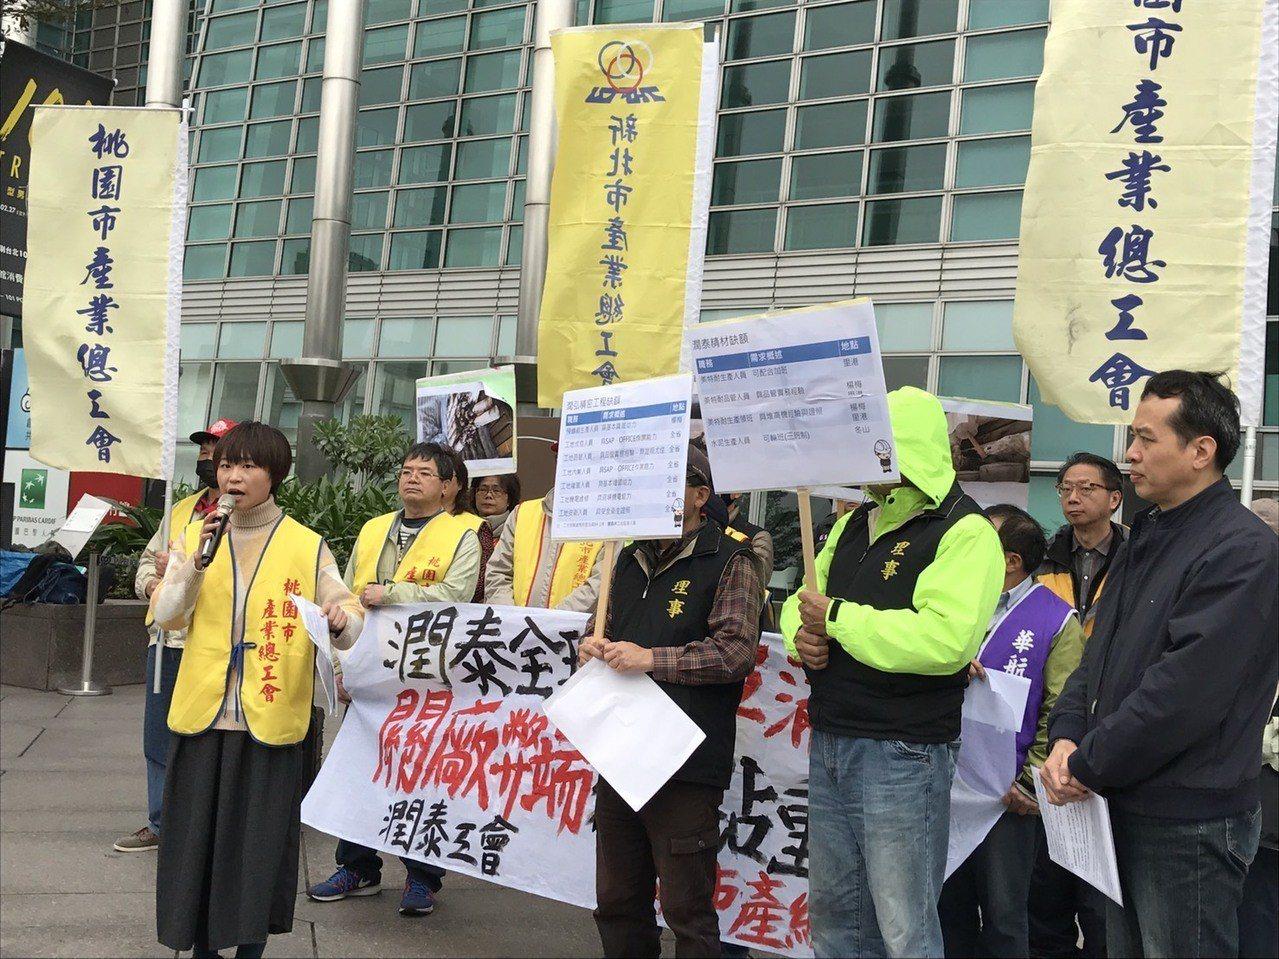 潤泰全球工會代表數十人前往台北證交所抗議,要求政府單位應積極介入監督潤泰全球公司...